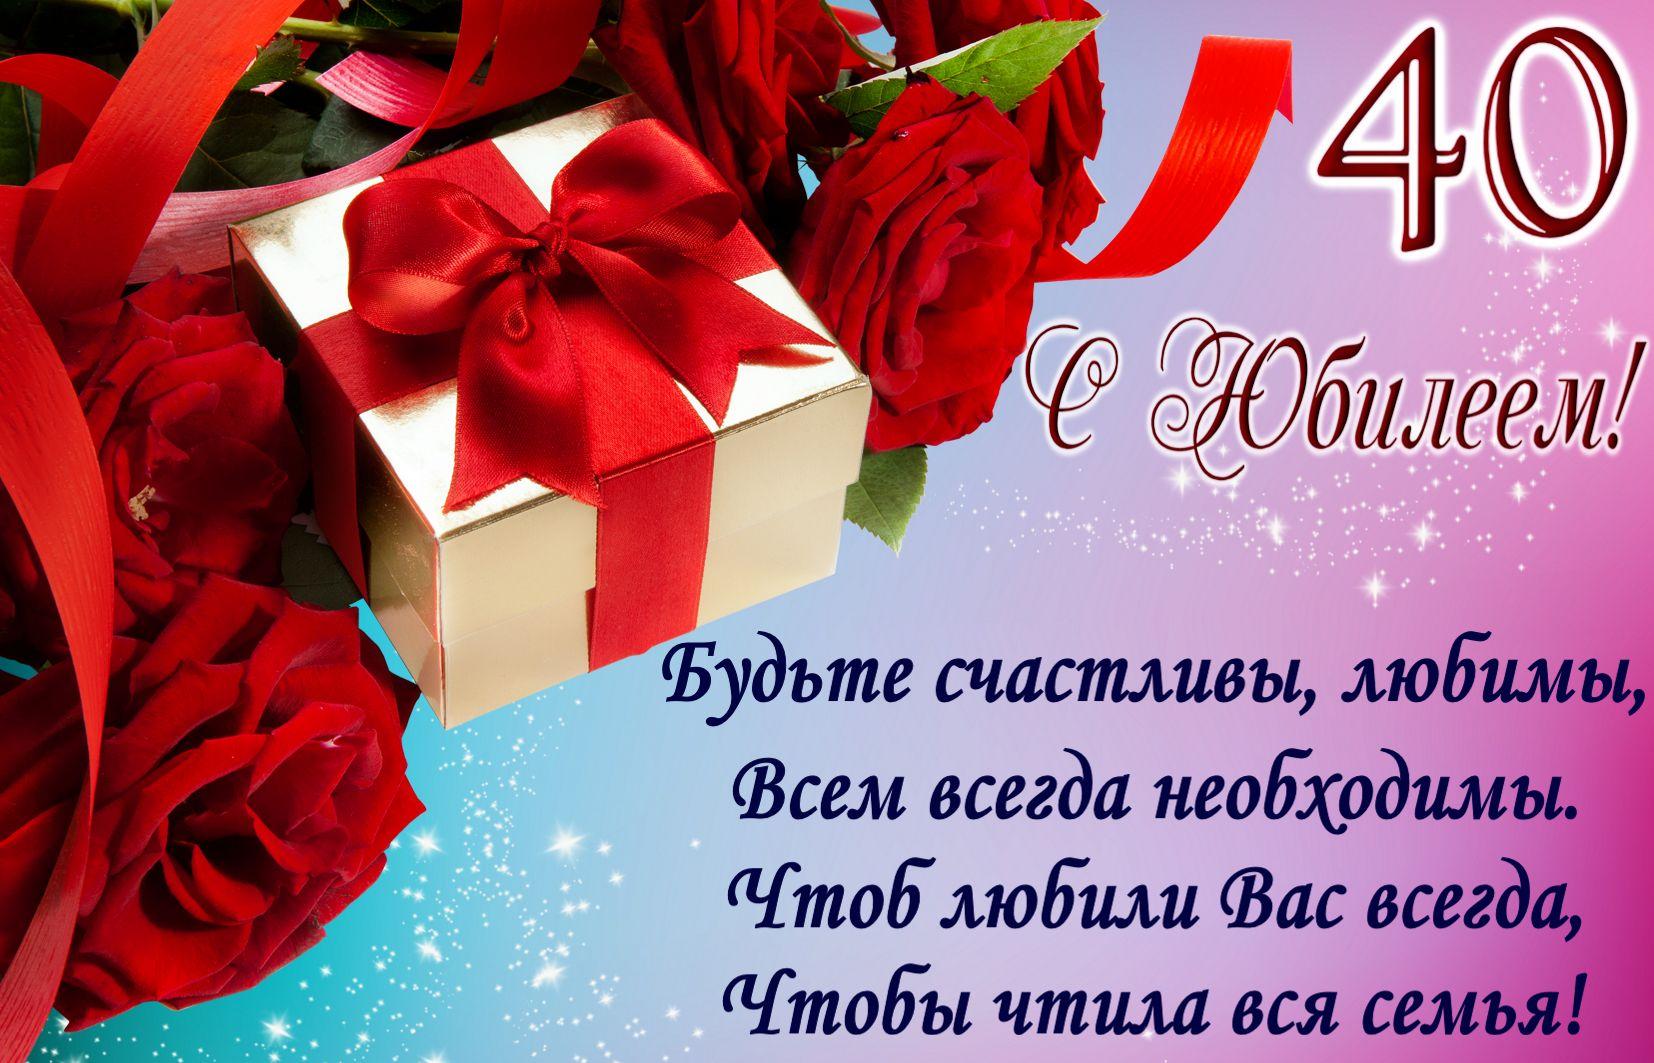 Фото открытки с юбилеем и поздравлением